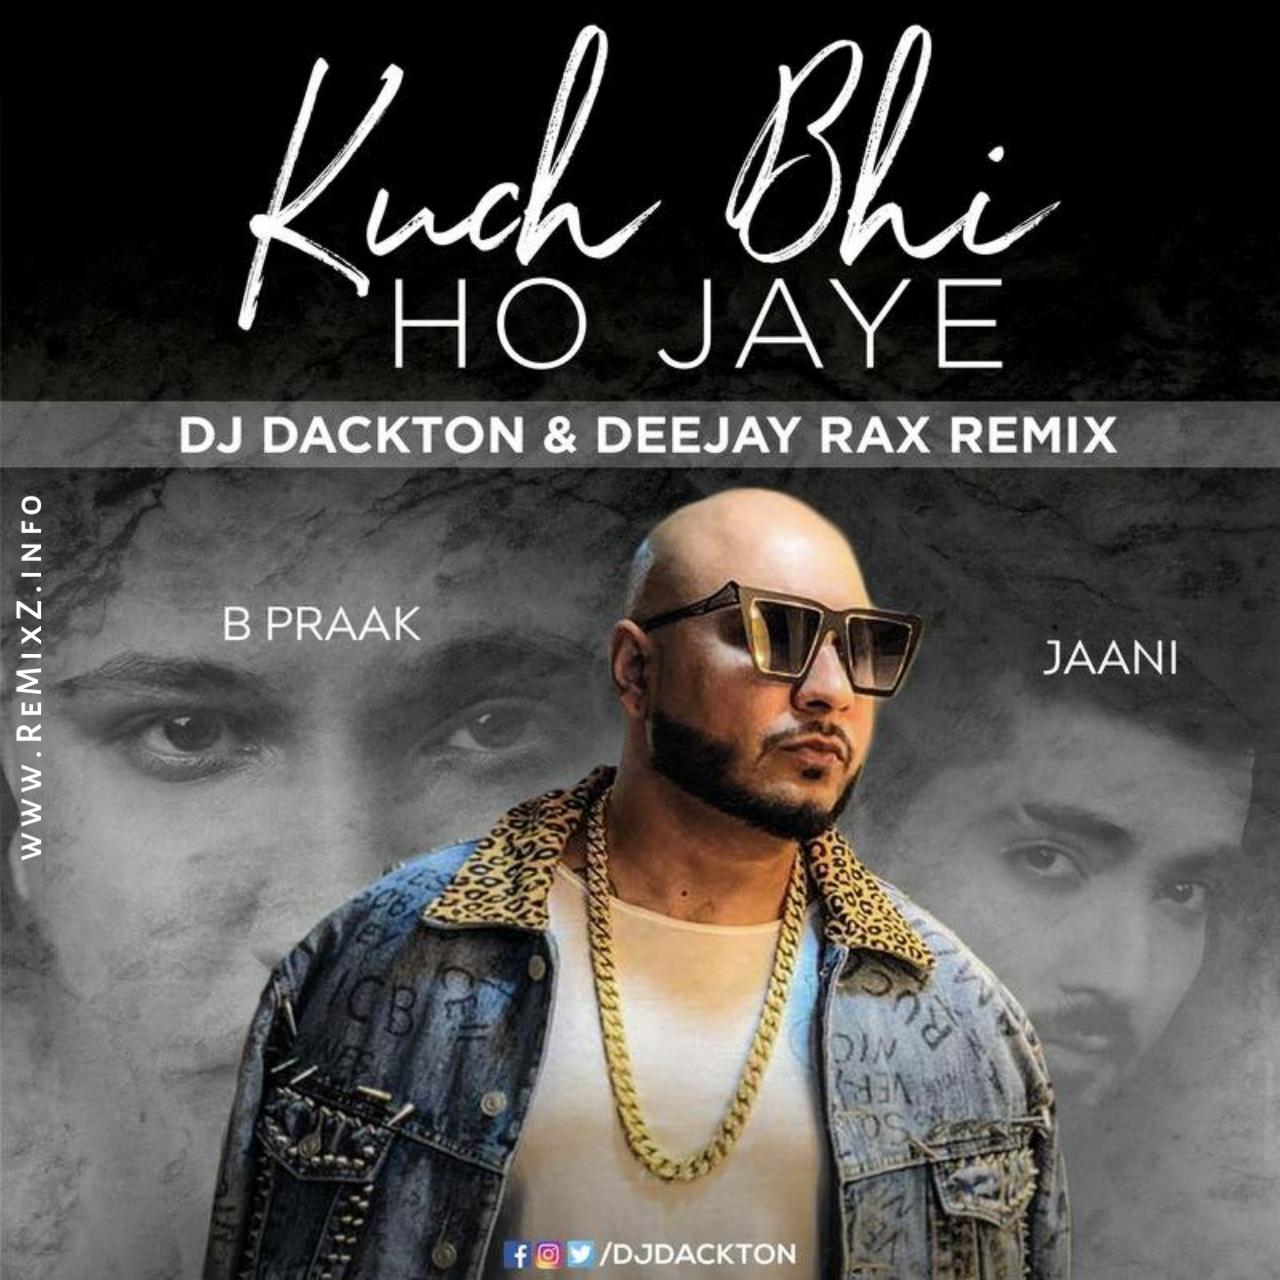 b-praak-kuch-bhi-ho-jaye-remix.jpg